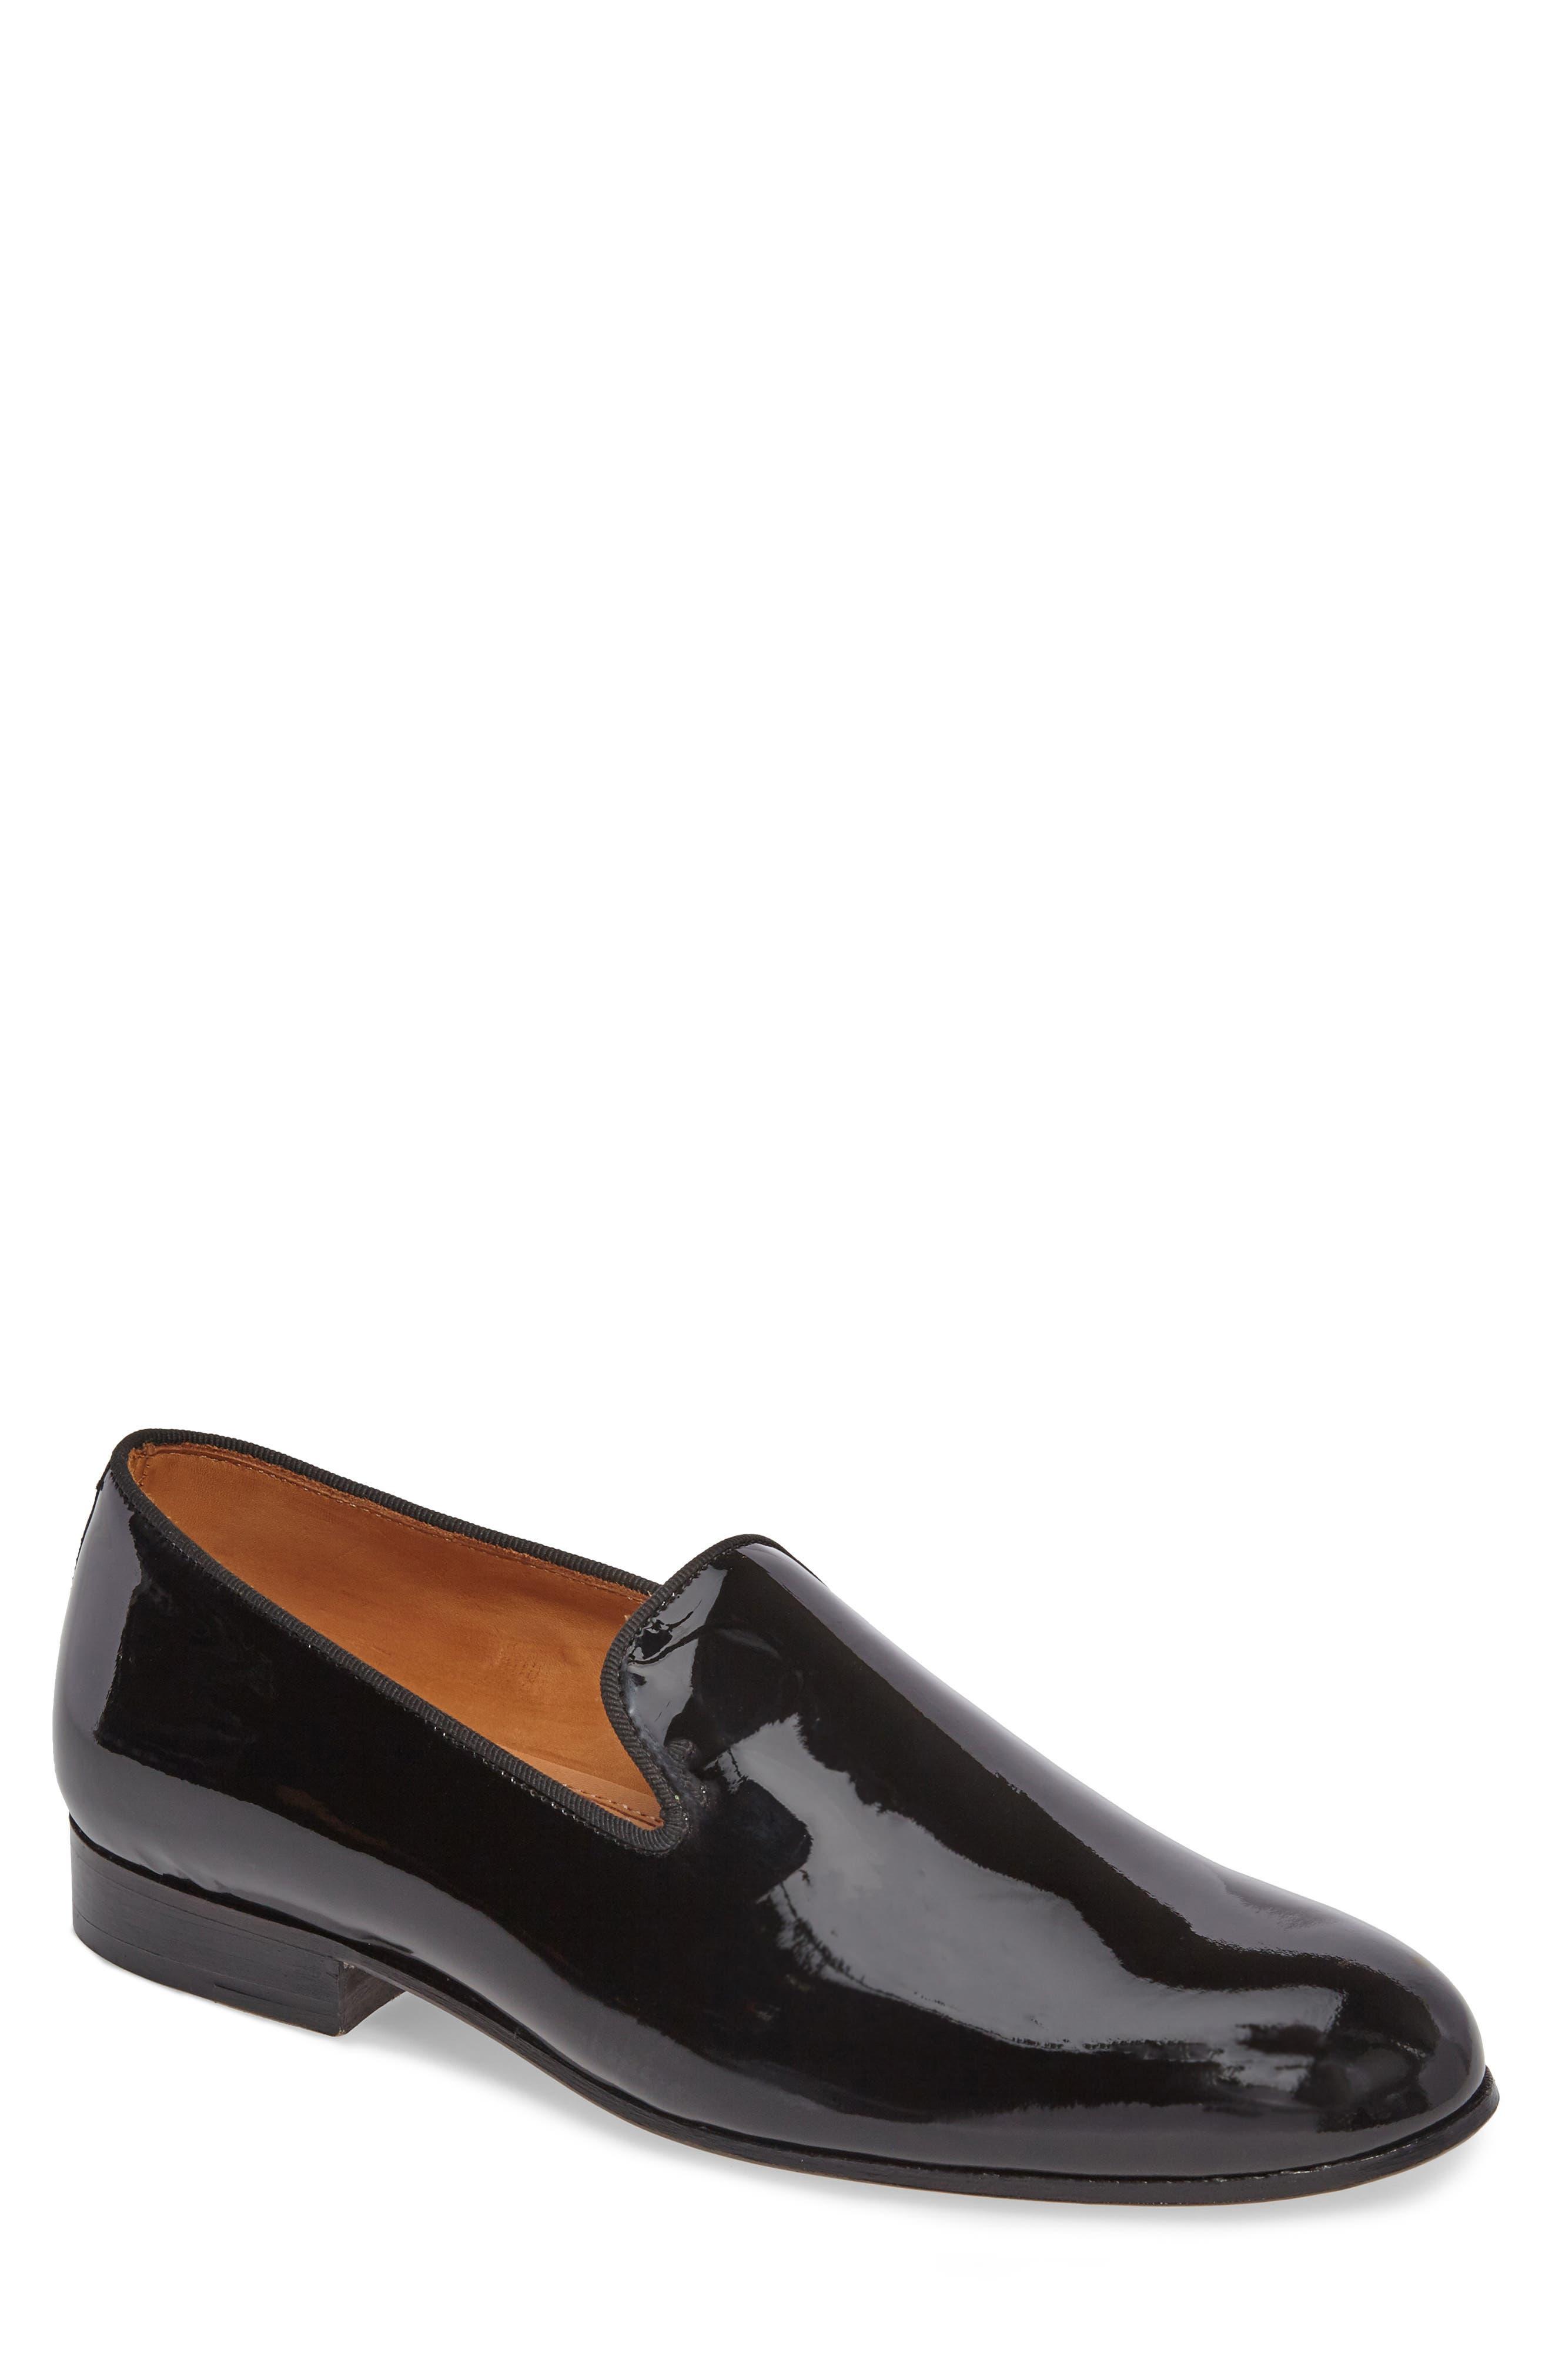 Bravi Loafer,                         Main,                         color, 001